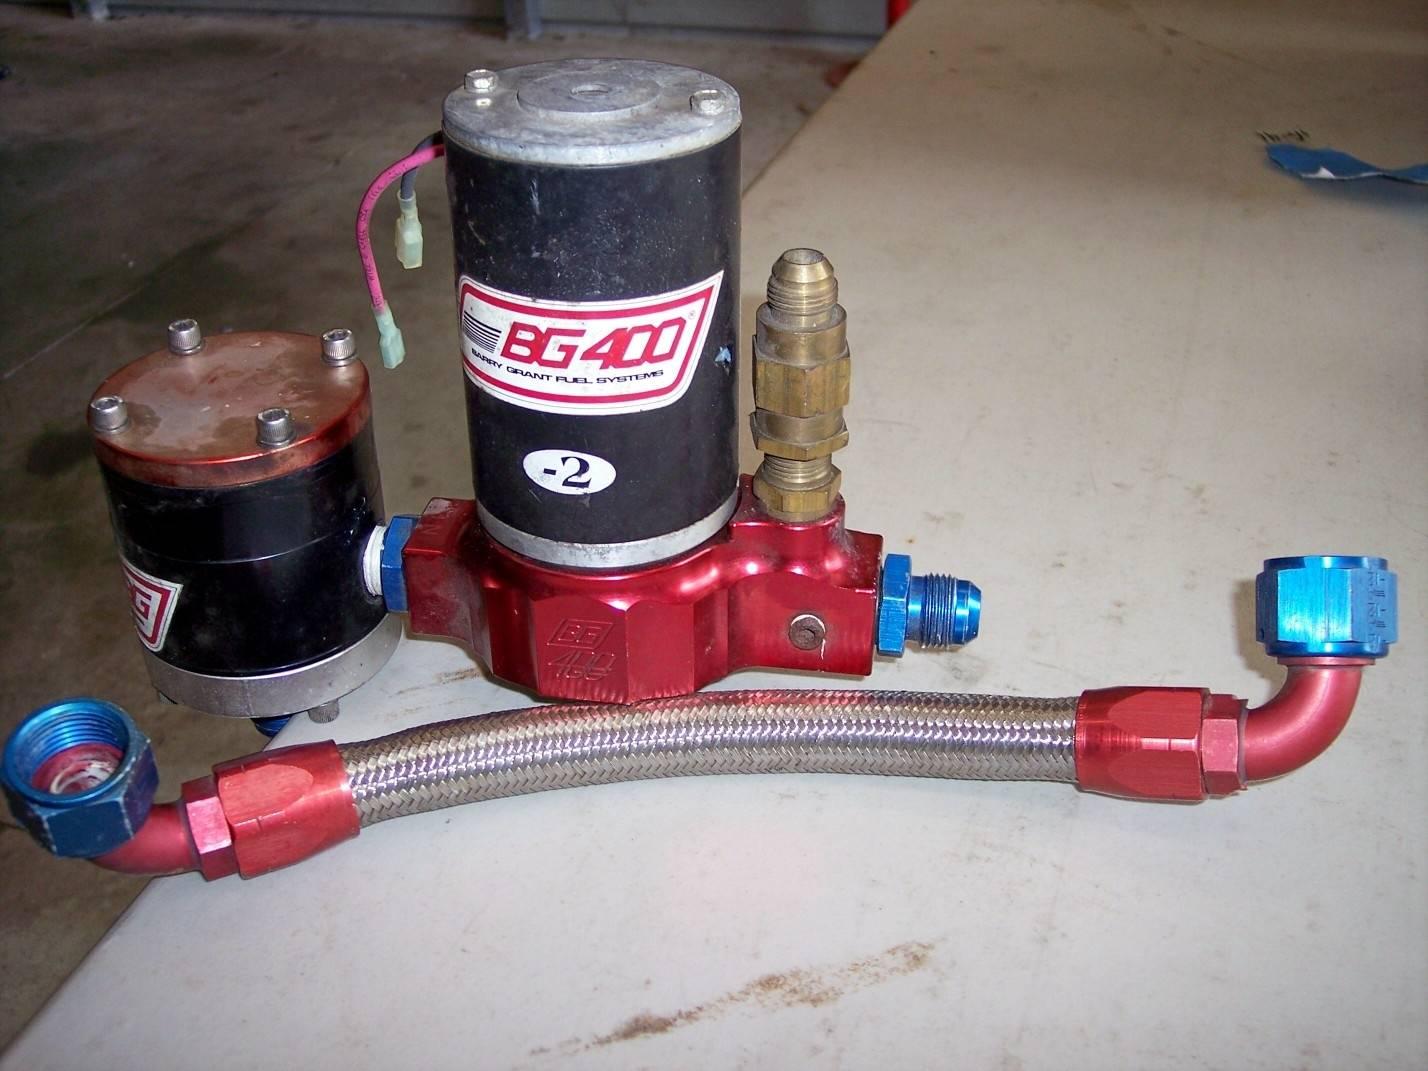 BG 400 pump.jpg